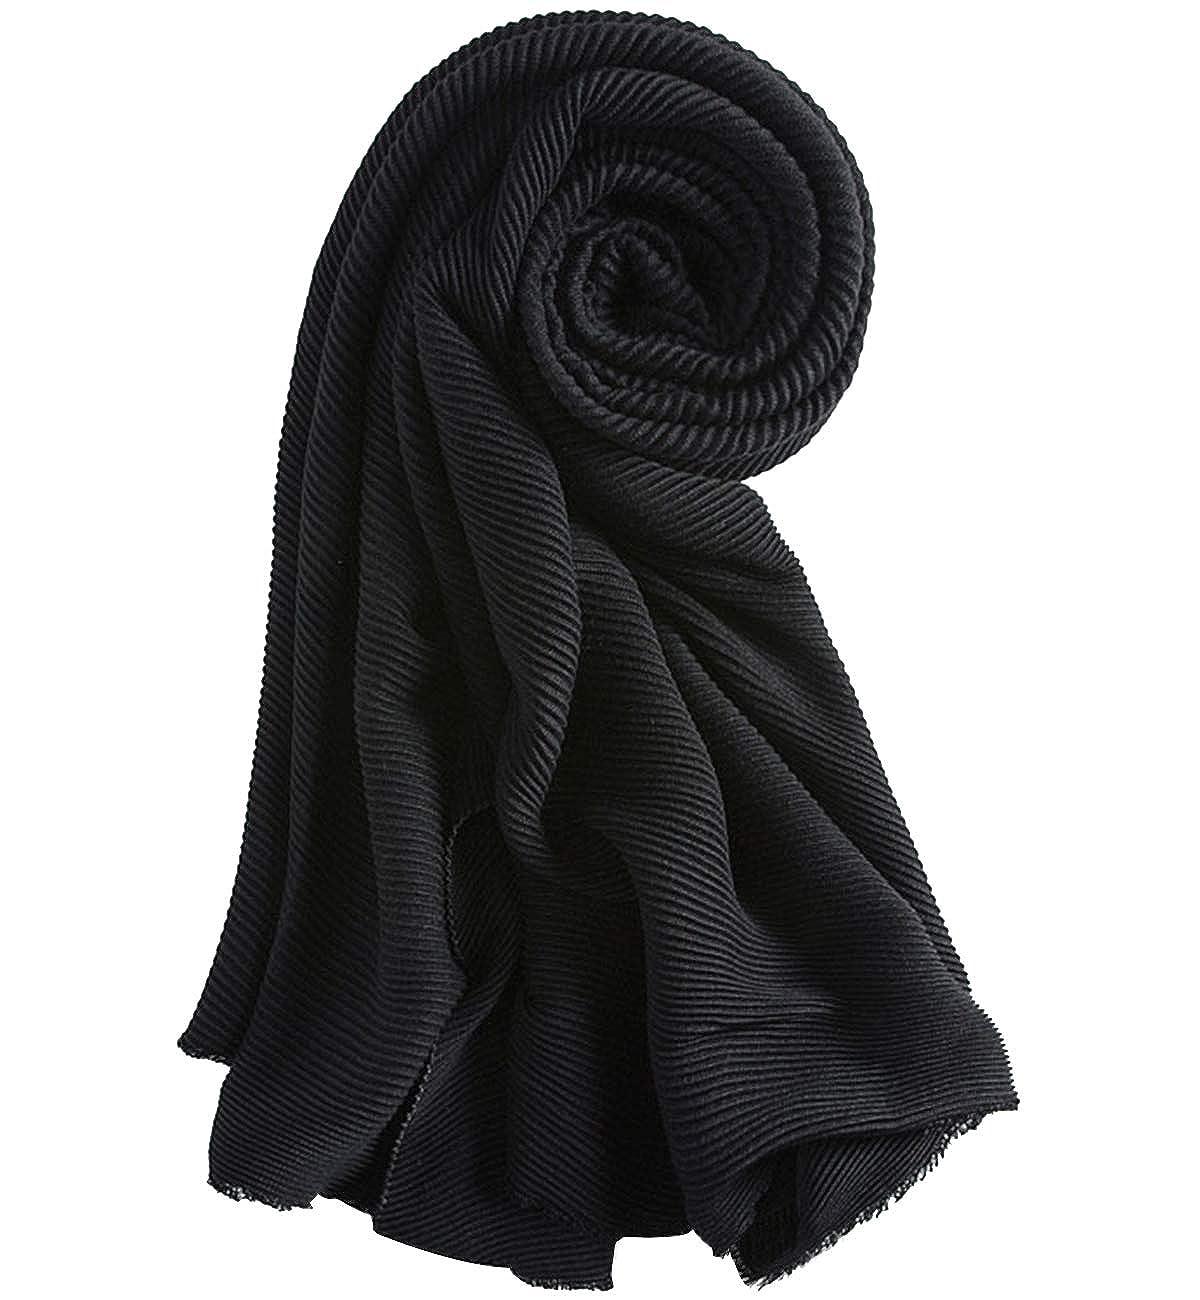 Superora Bufanda para Mujer Invierno Chal Manta Mantón Fular Grande Enorme Estilo Arrugada Color Puro Cachemira 250 * 60cm